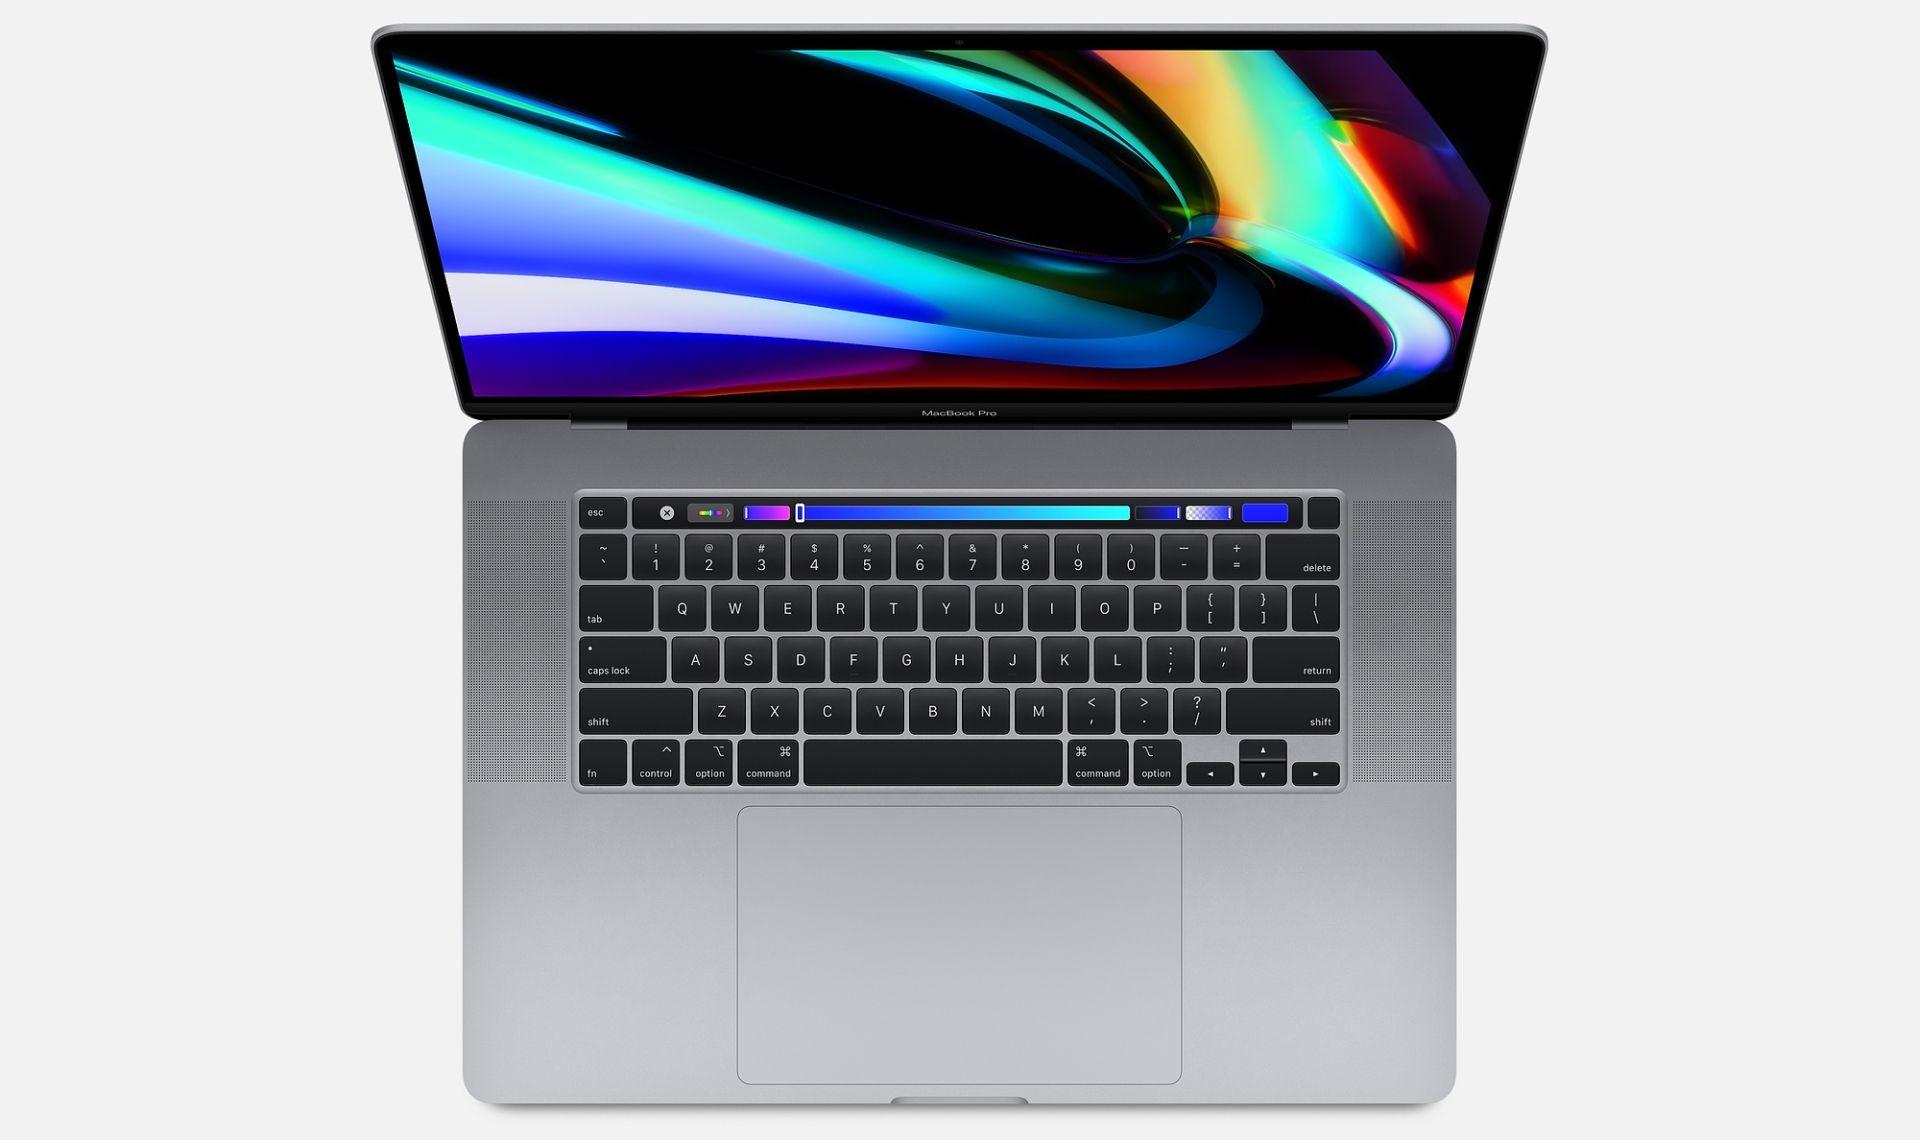 Być może w tym roku pojawi się nowy 16 calowy MacBook Pro